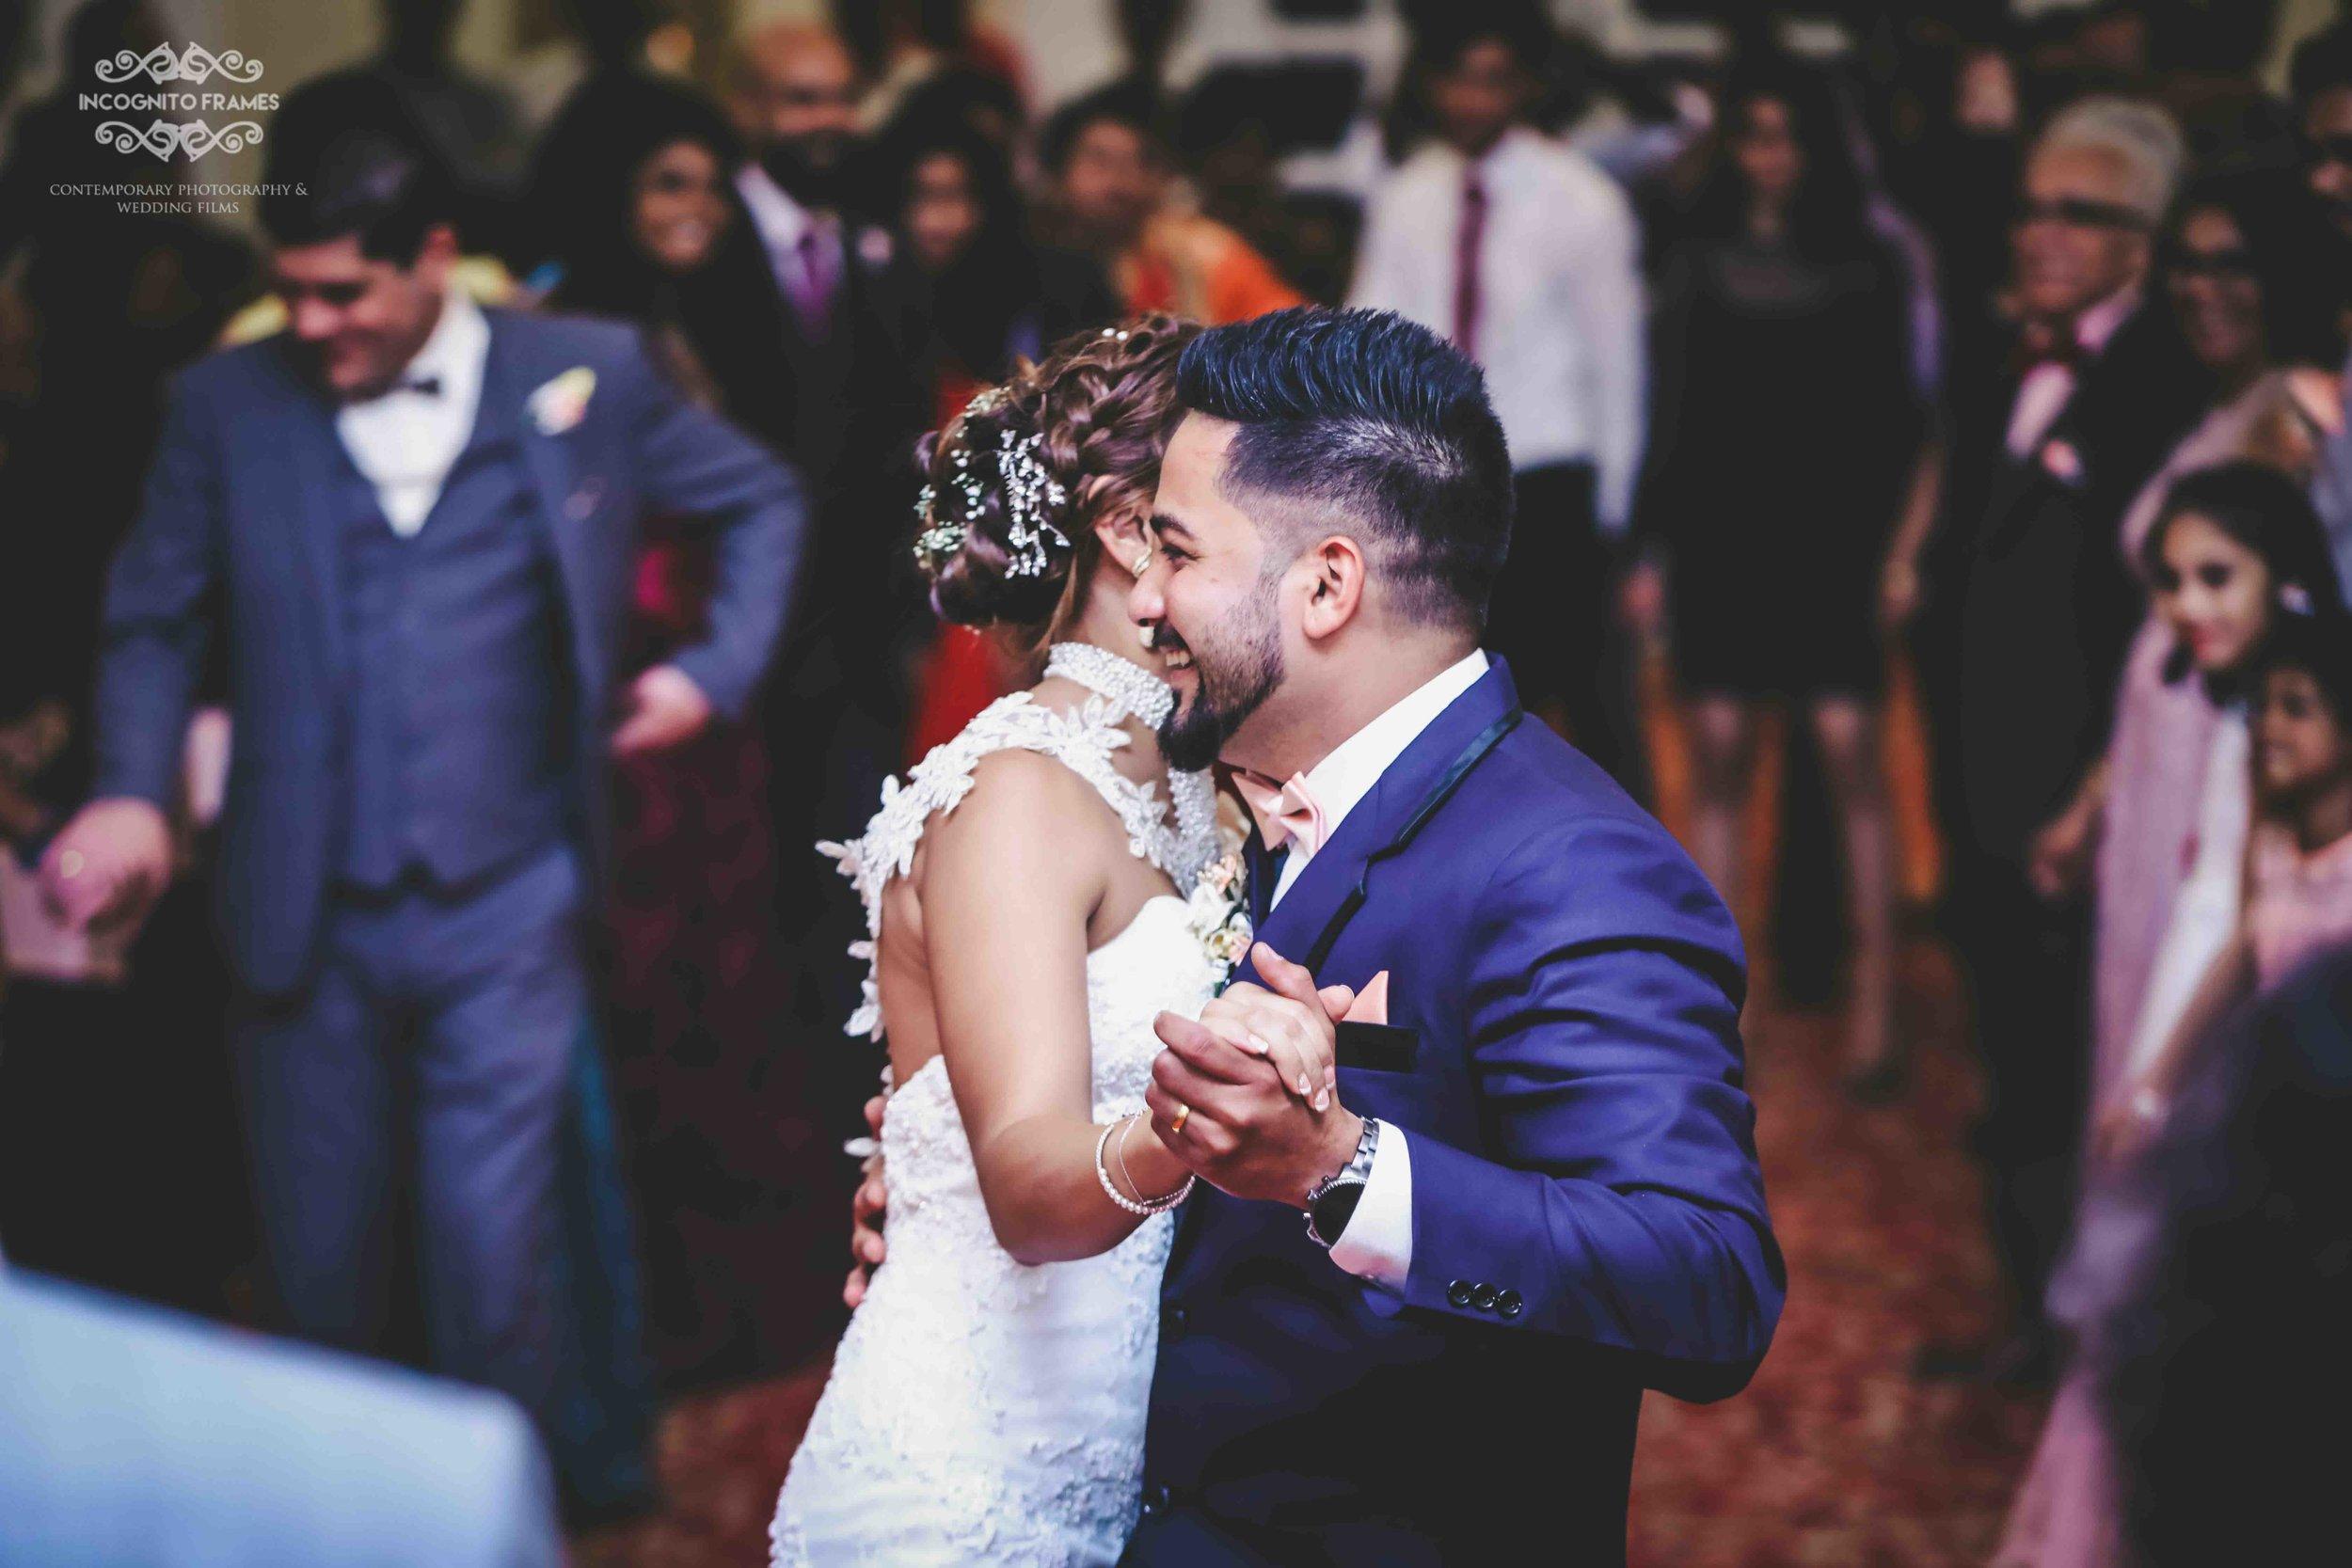 First-dance-bride-groom.jpg